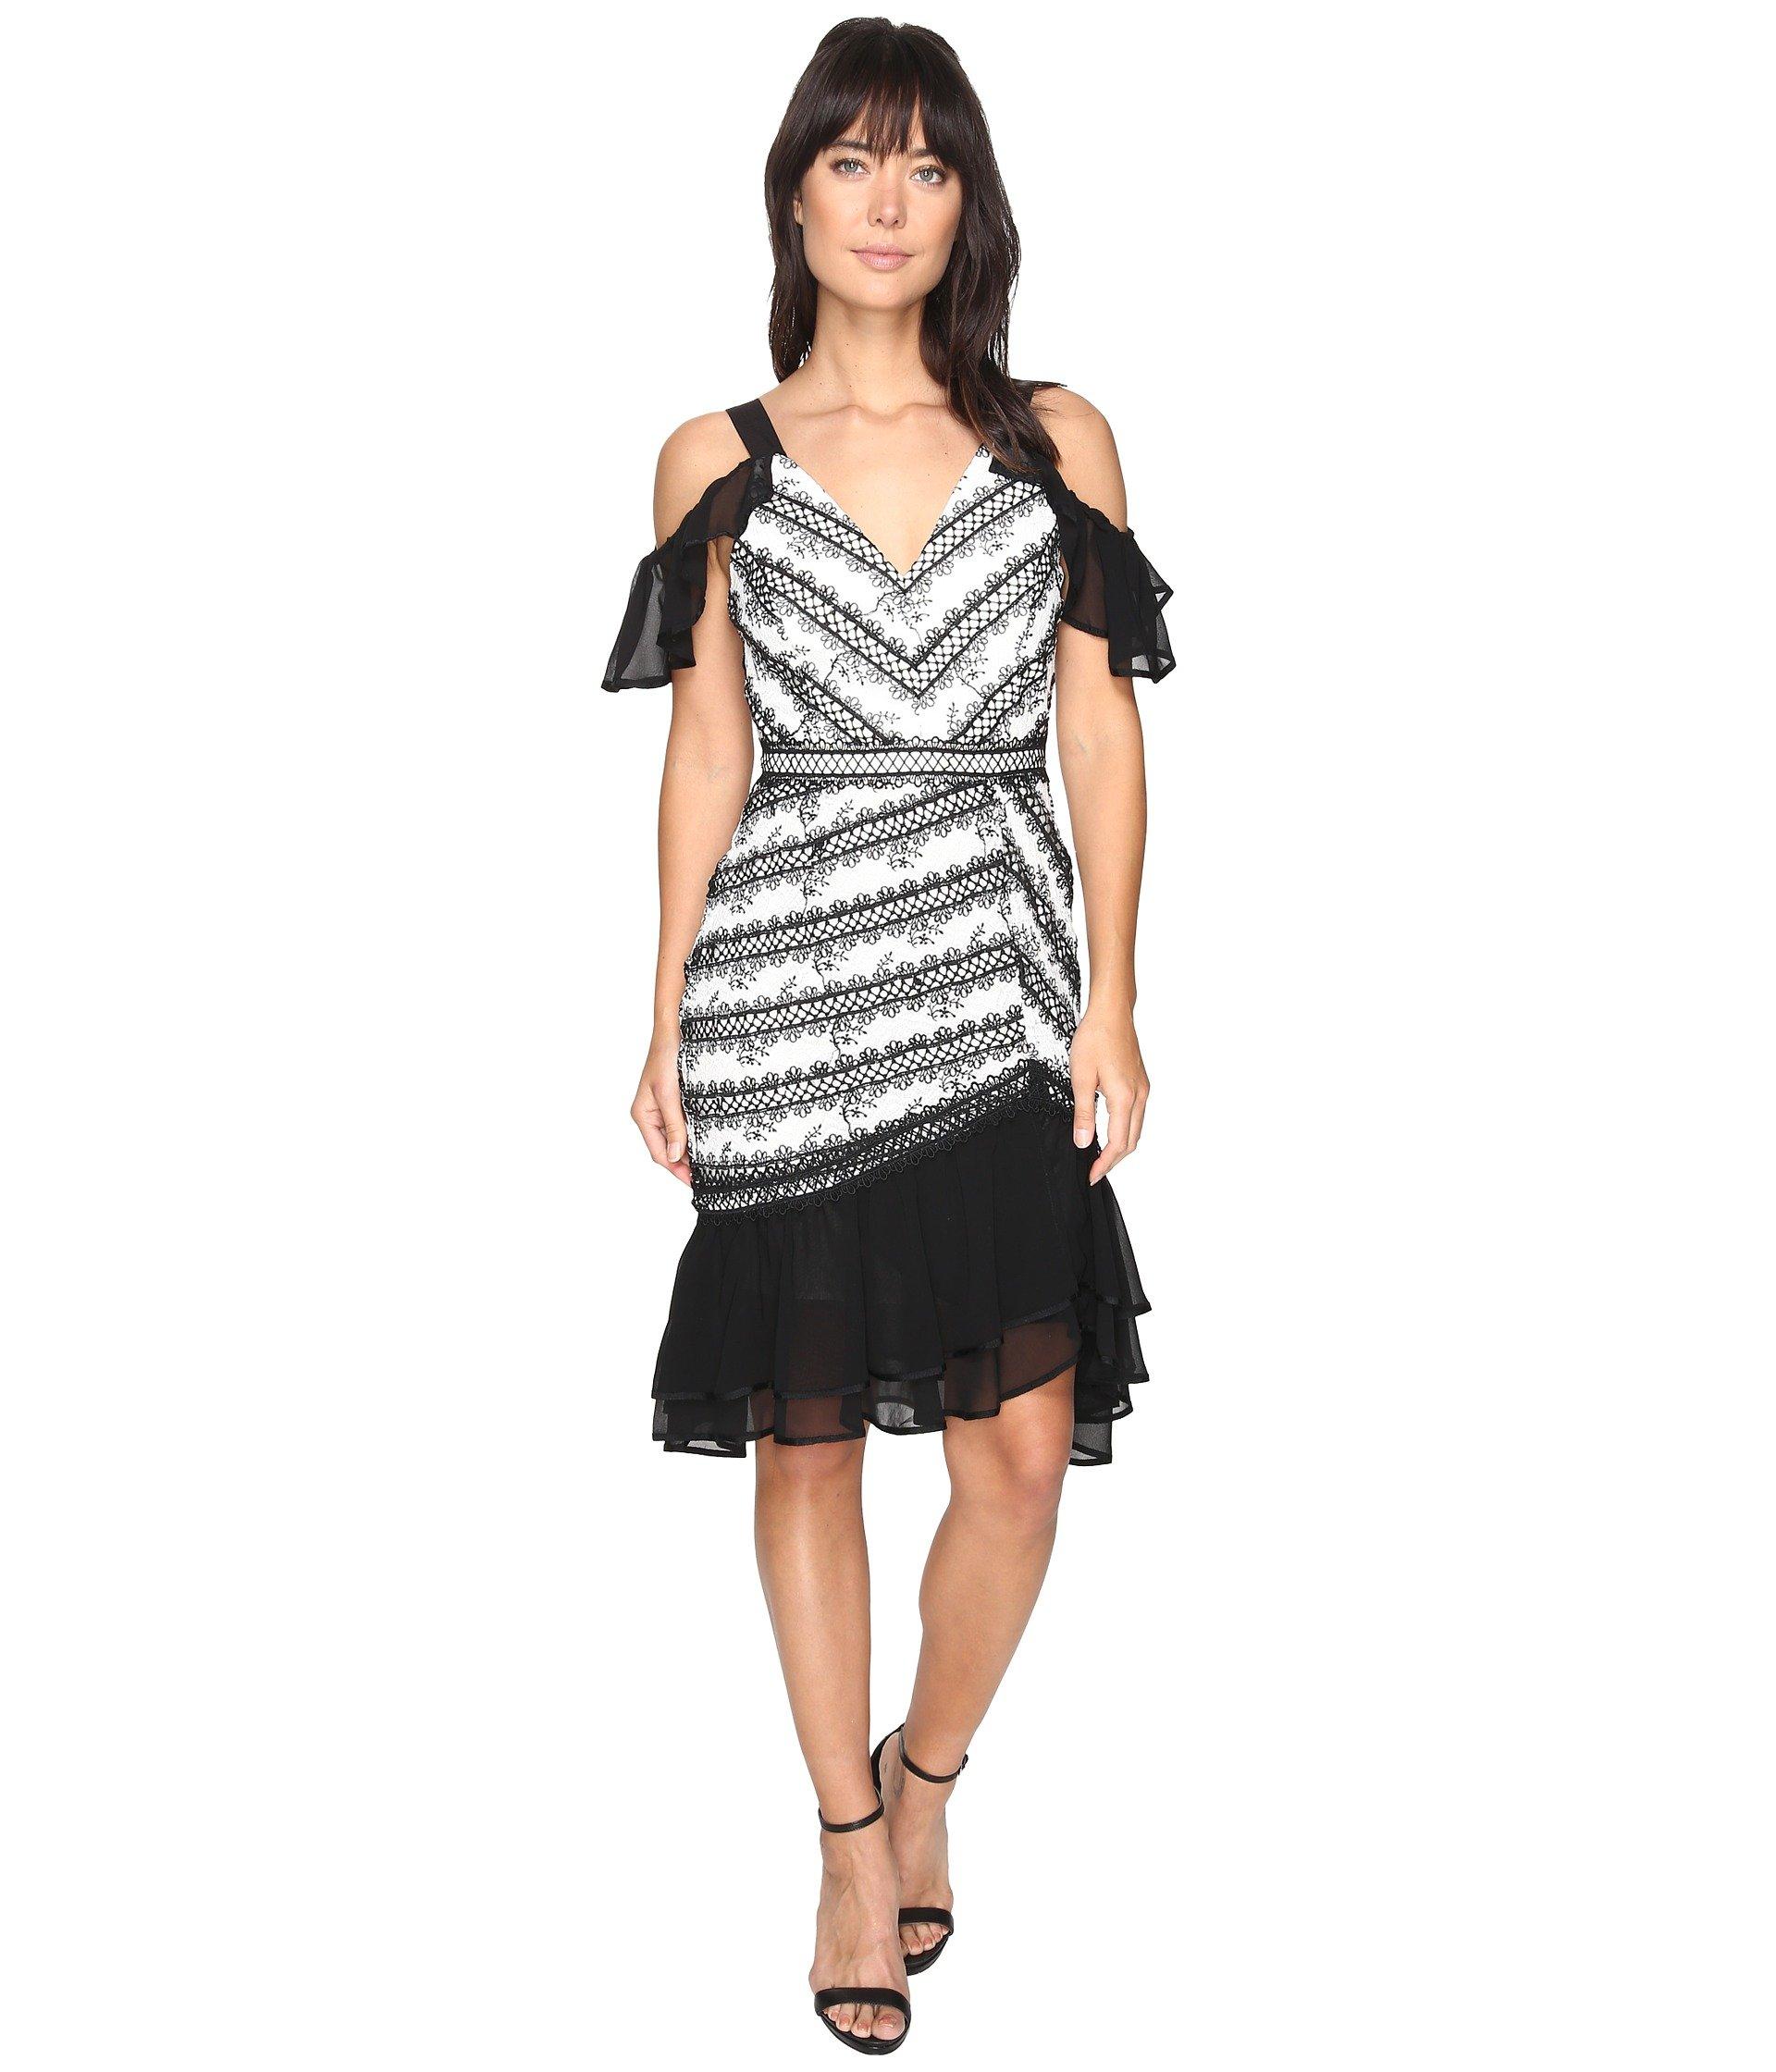 Nola Woven Lace Frill Dress